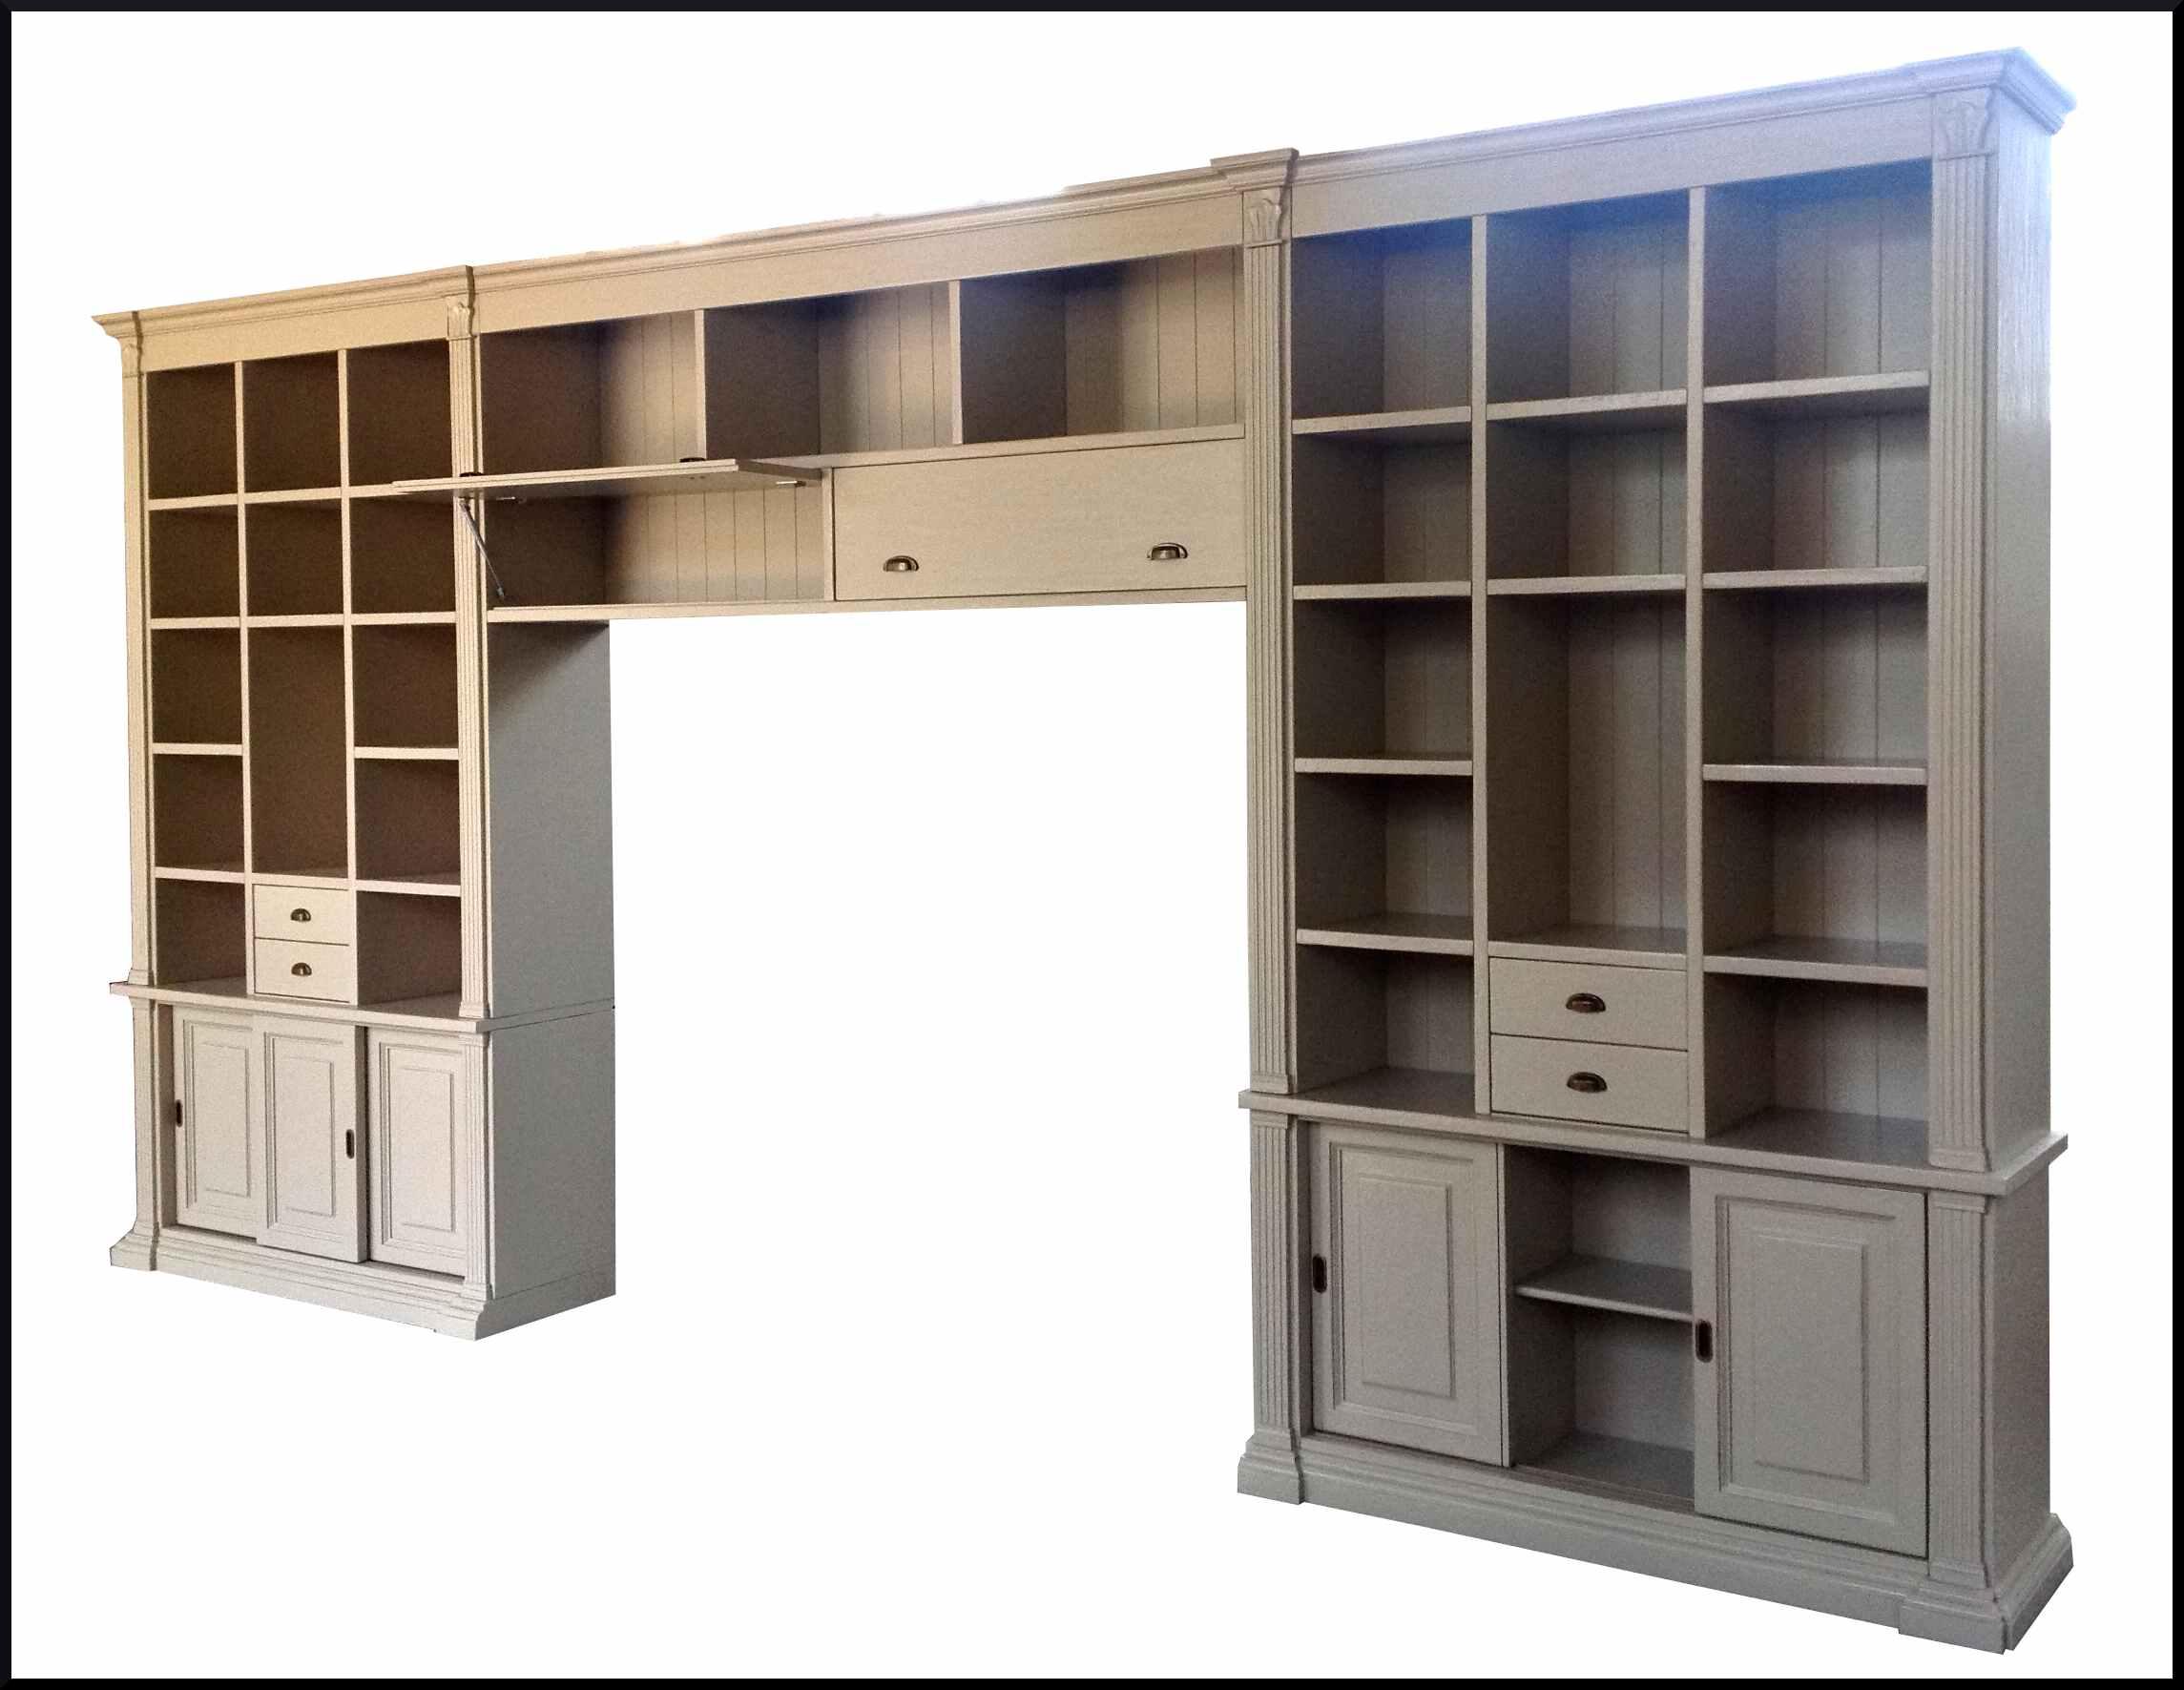 Novit e promozioni mobili antichi restaurati e riprodotti la commode di davide corno - Mobili restaurati ...